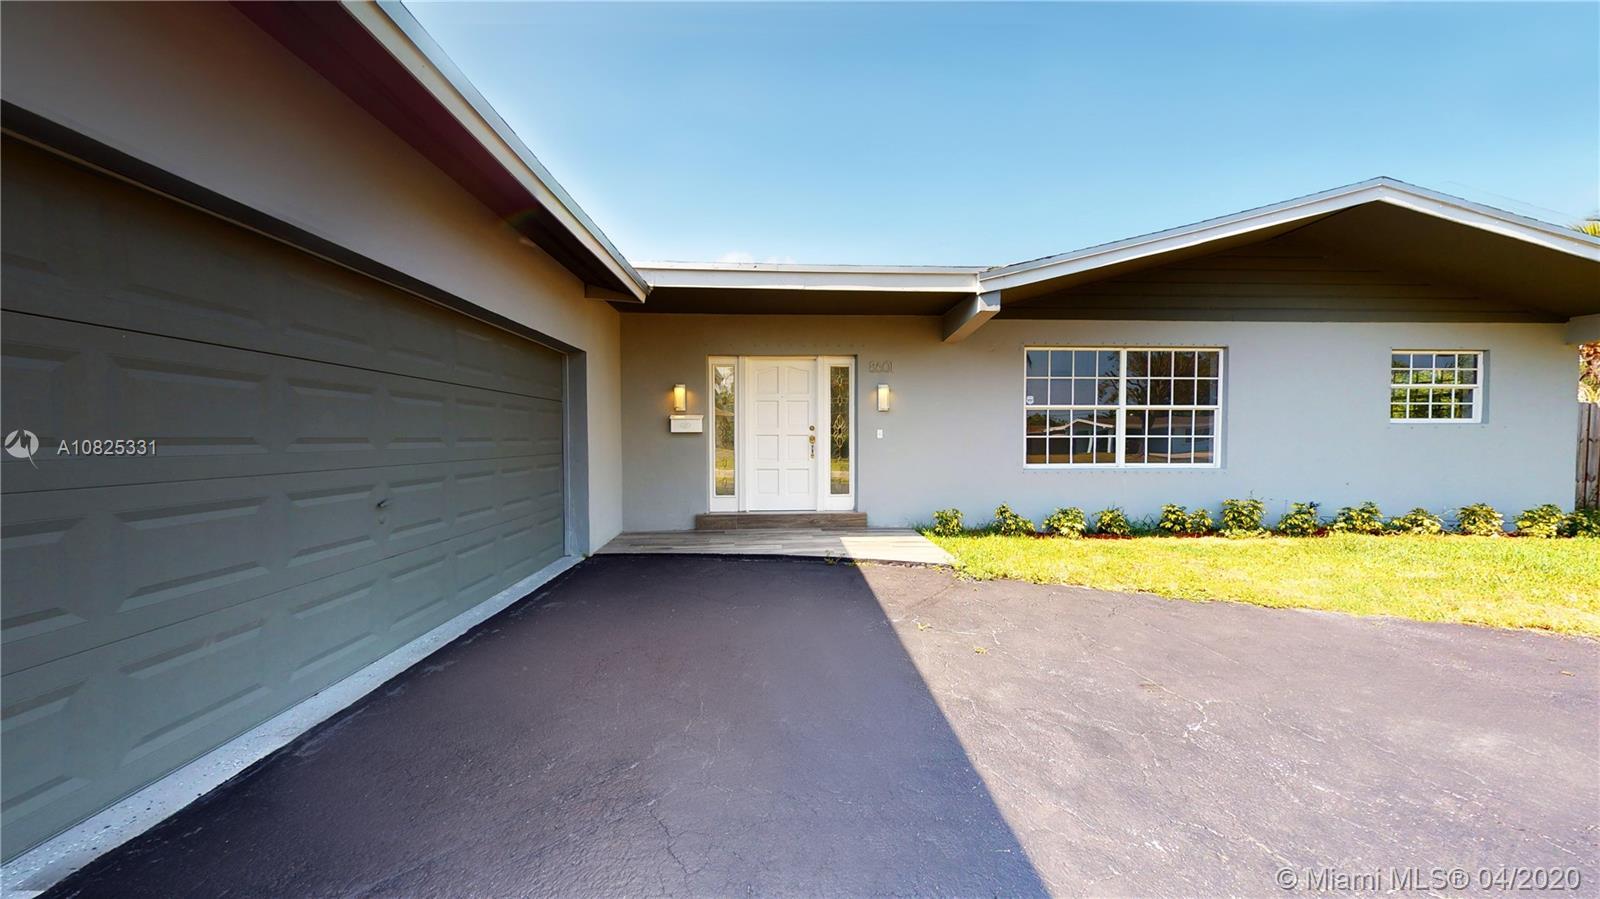 8601 SW 185th St, Cutler Bay, FL 33157 - Cutler Bay, FL real estate listing